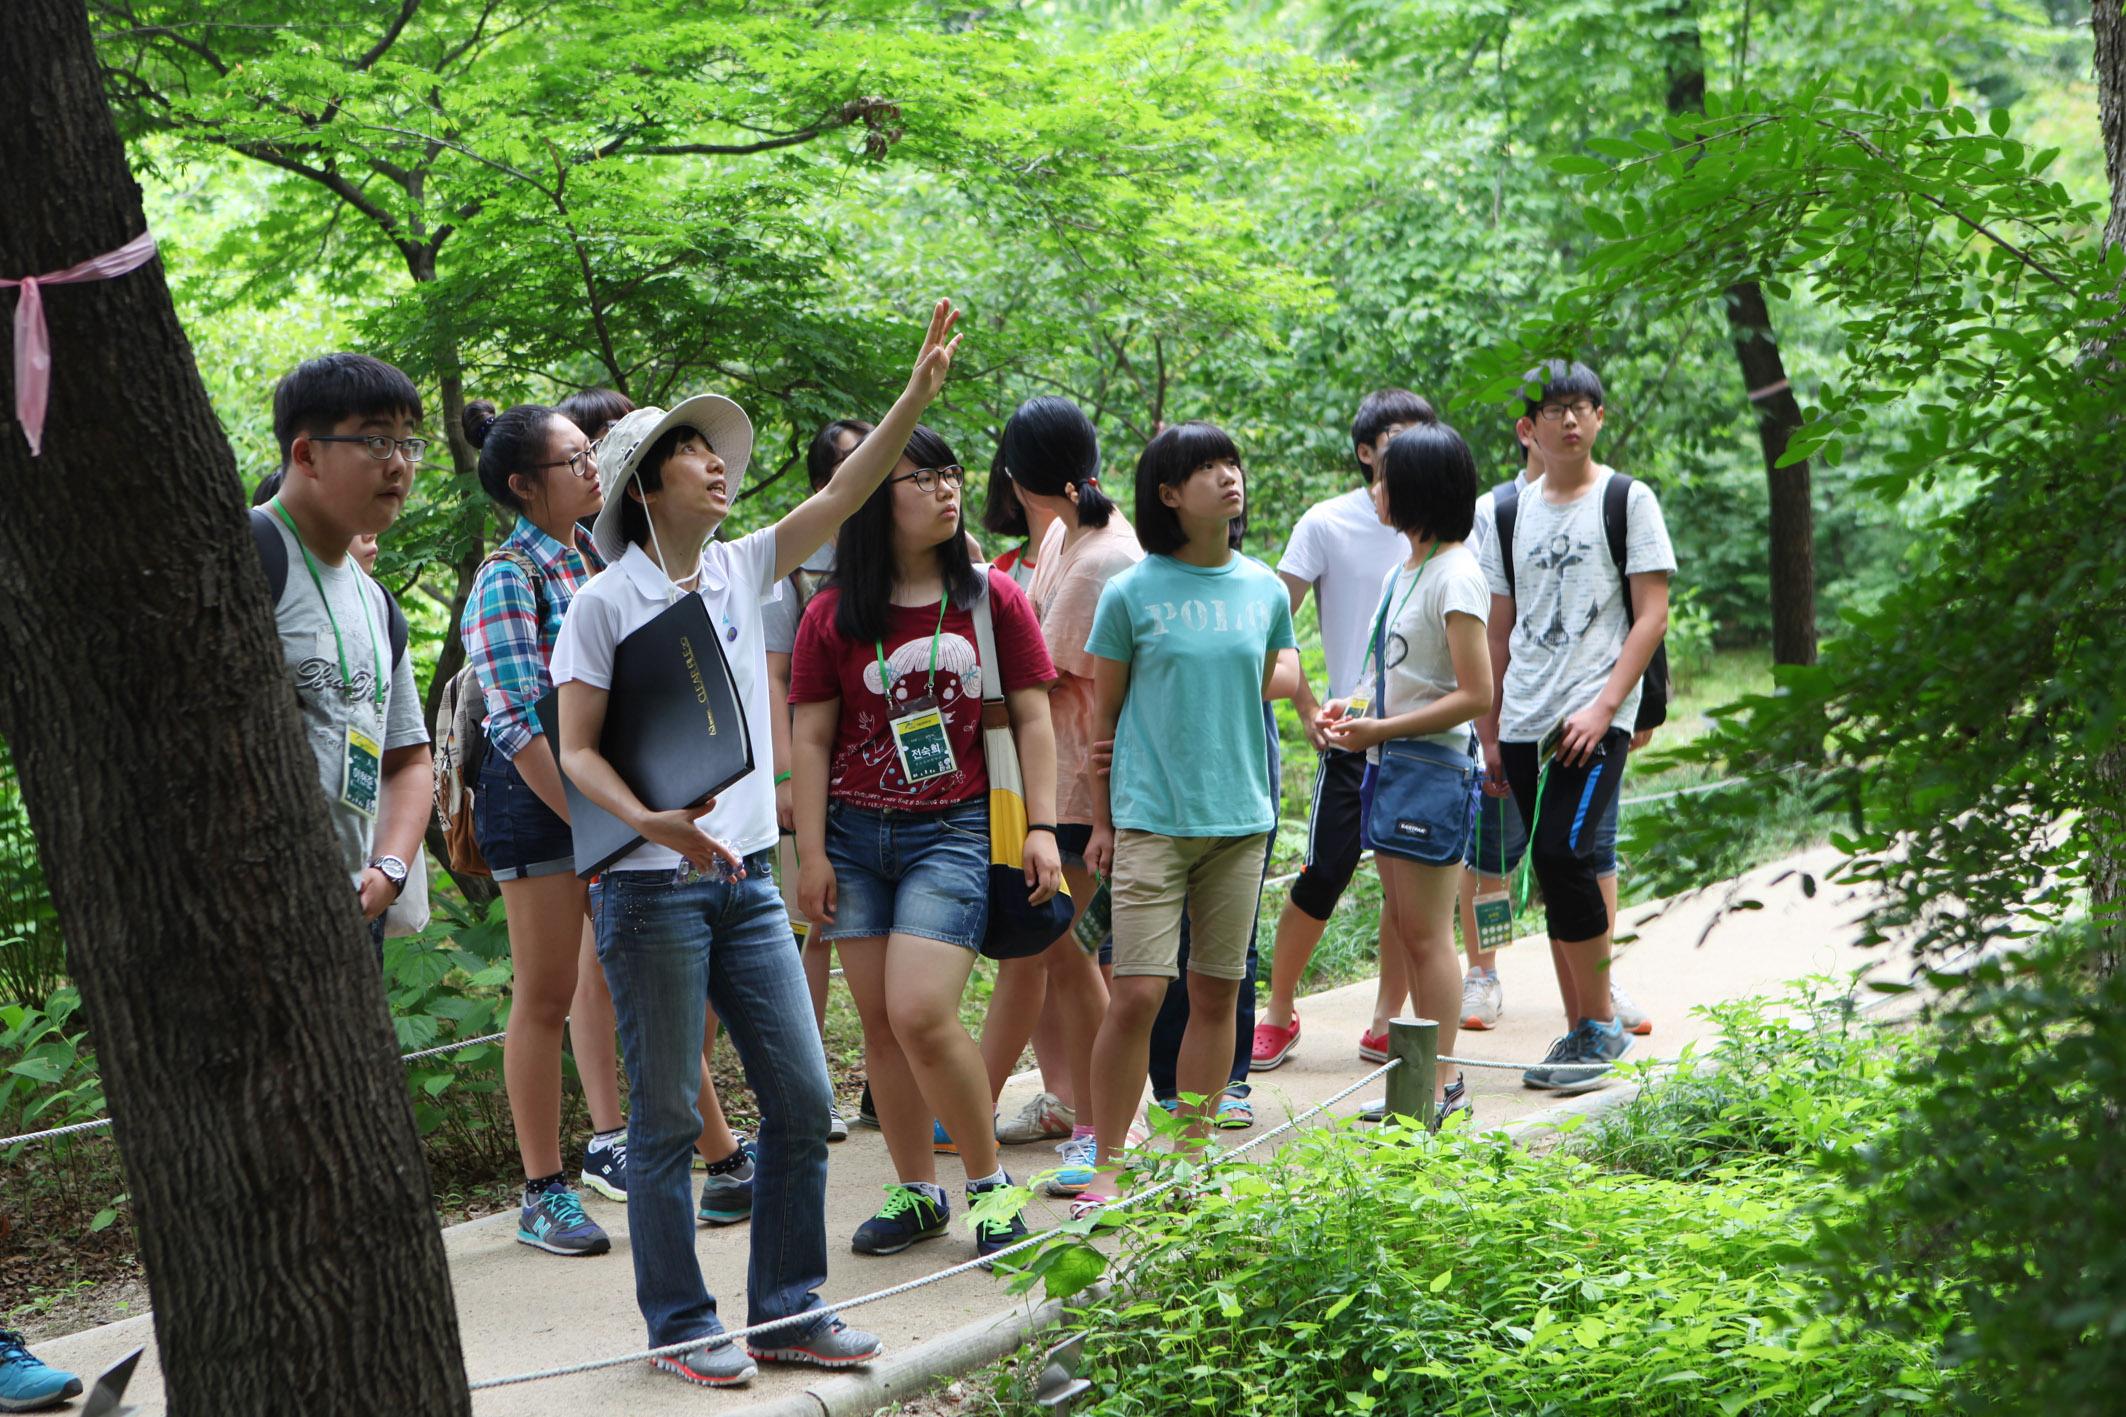 숲 해설 프로그램으로 홍릉숲과 만나세요! 이미지2